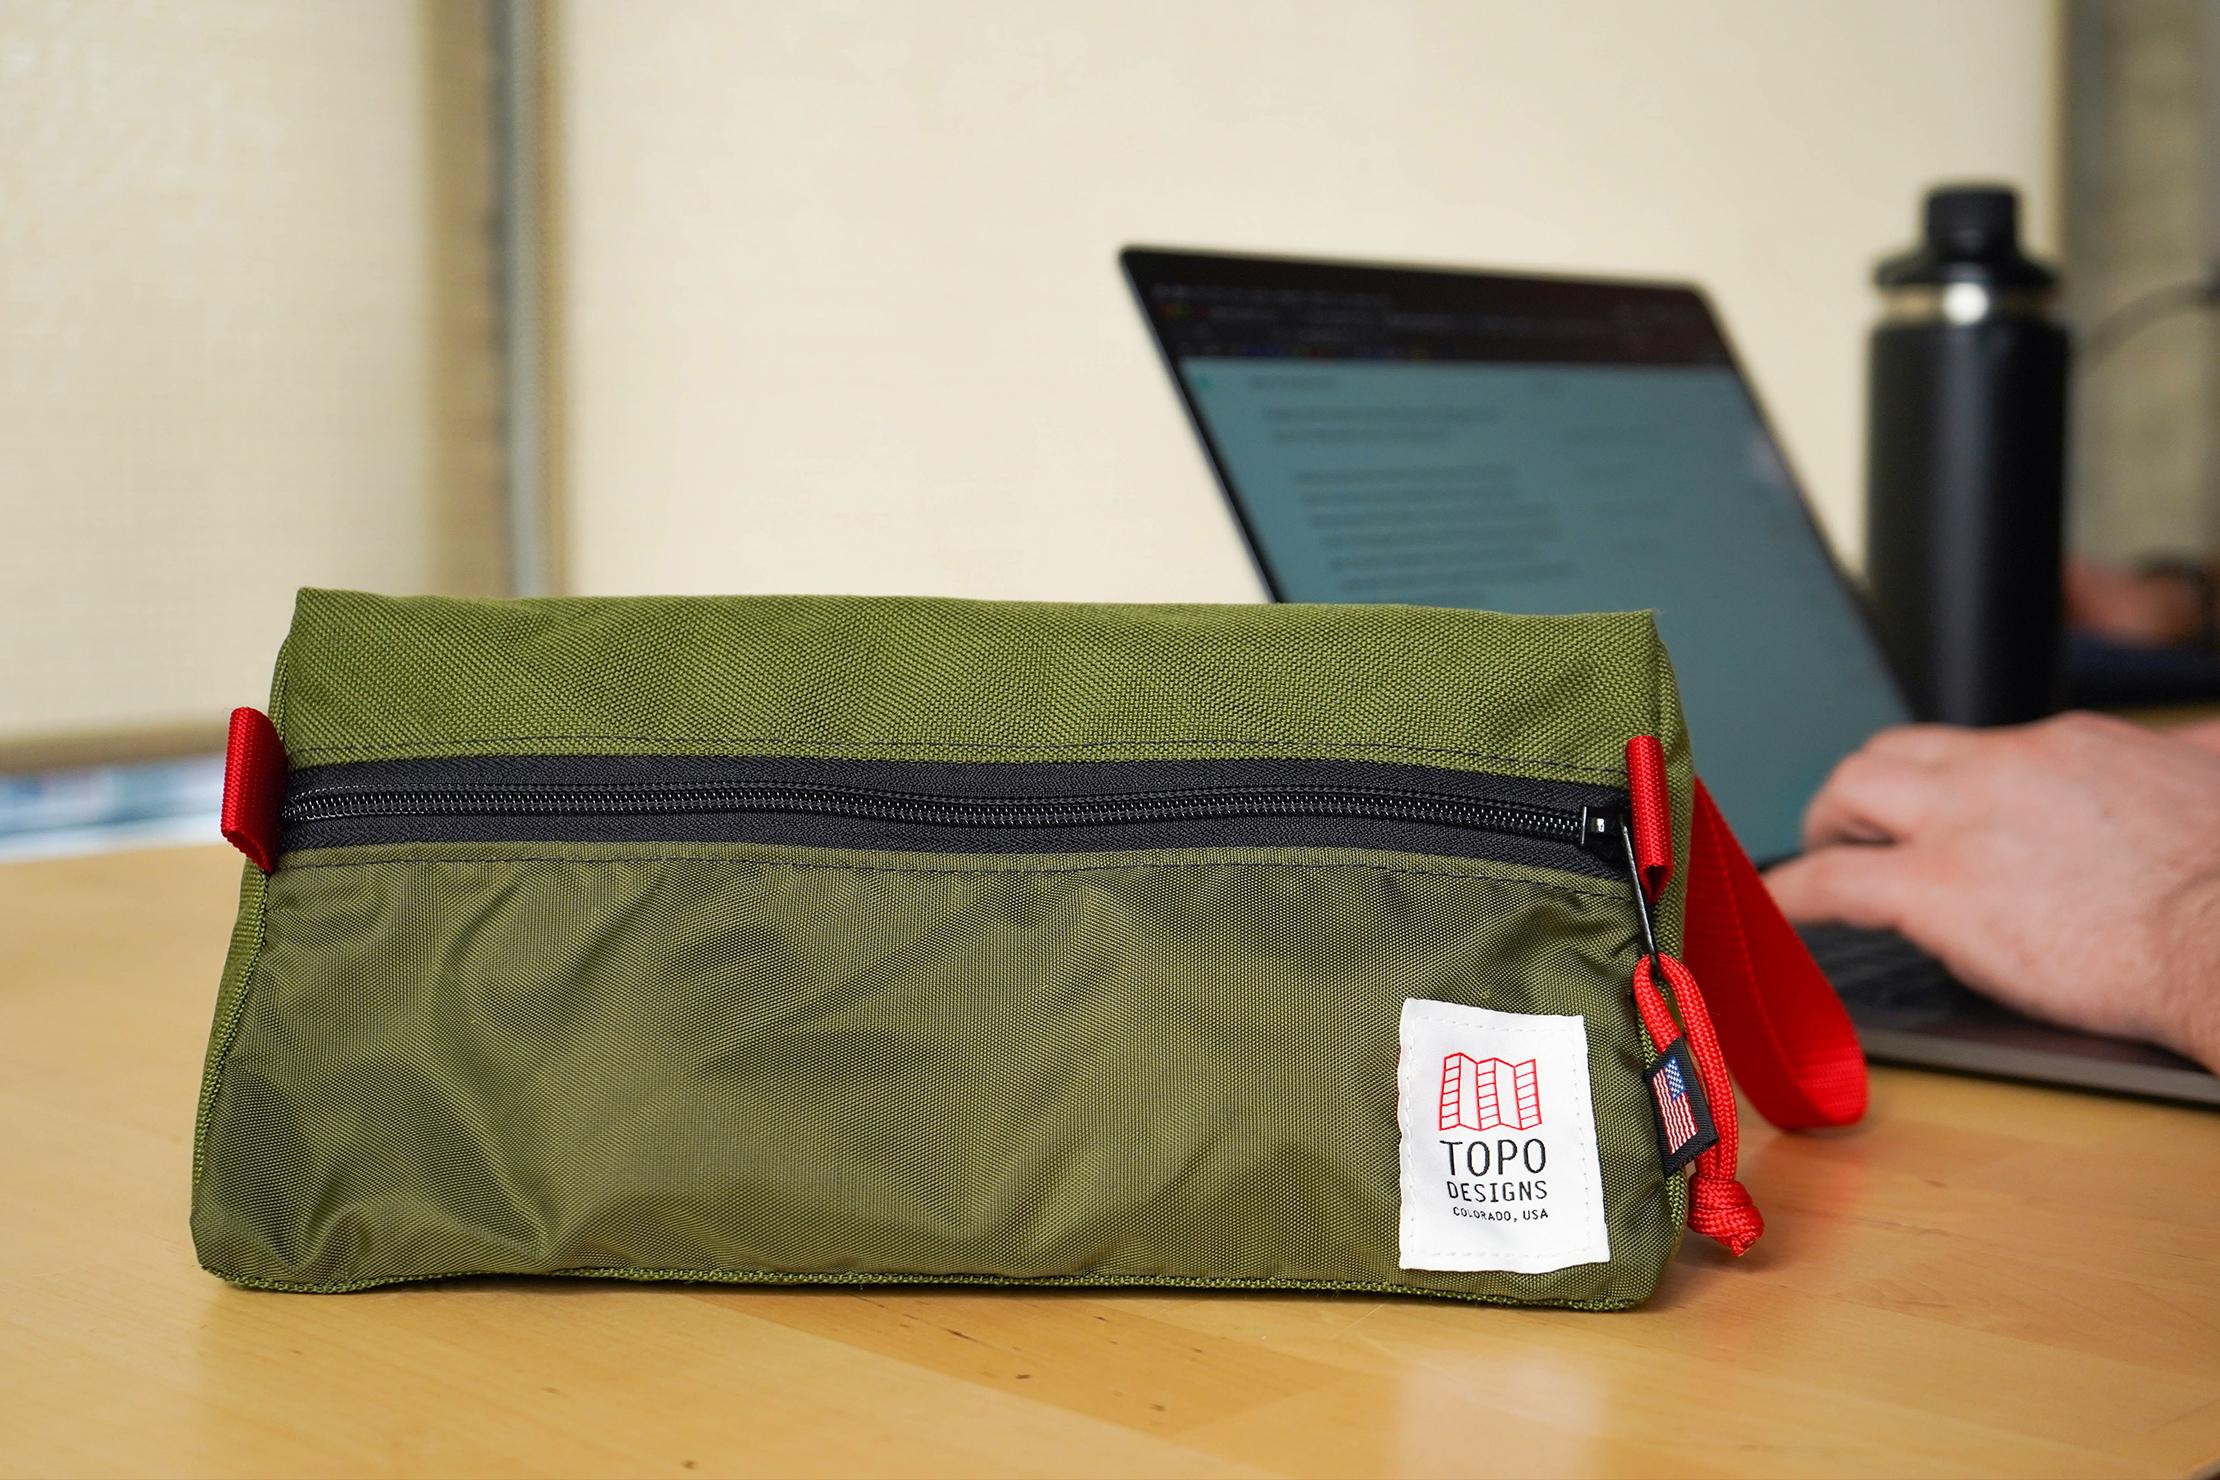 Topo Designs Dopp Kit Tech Pouch